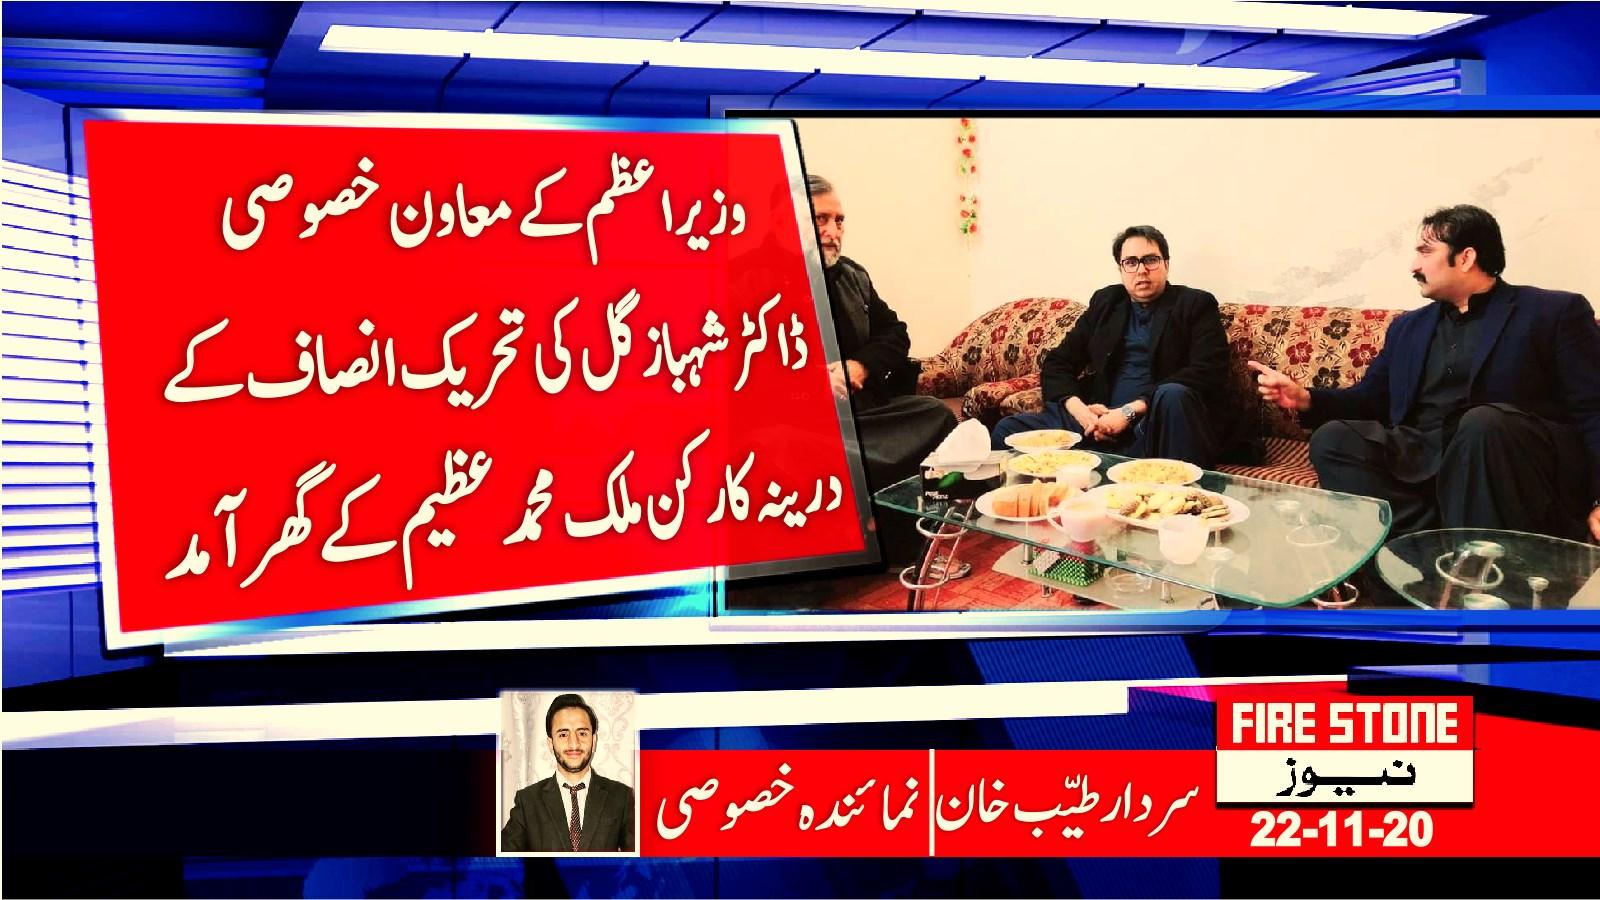 وزیر اعظم کے معاون خصوصی ڈاکٹر شہباز گل کی تحریک انصاف کے درینہ کارکن ملک محمد عظیم کے گھر آمد